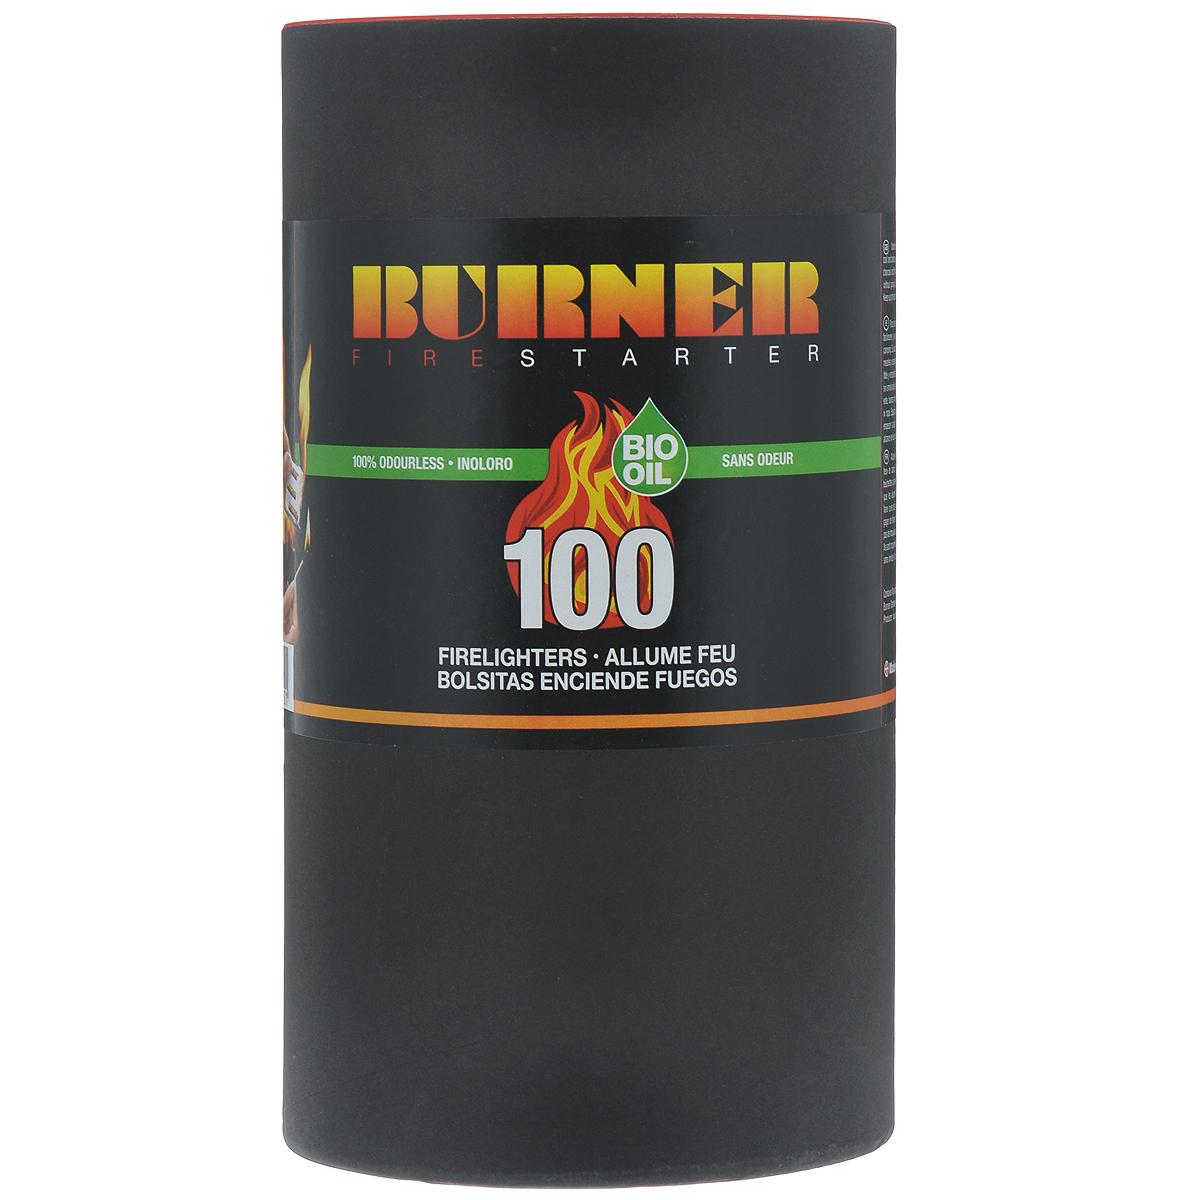 Средство для розжига Burner, в бочонке, 100 пакетов00000927Розжиг Burner экологически безопасен, удобен в хранении и перевозке - никакой грязи и запахов. Идеальное средство для розжига мангалов, каминов, печей и костров. Кроме того, розжиг Burner не боится сырости и поэтому идеален в походе, на рыбалке, охоте, и в других достаточно экстремальных условиях, когда необходимо разжечь костер для обогрева или приготовления пищи.В комплект входит 100 пакетиков для розжига.Состав: высококачественные N-парафины, растительные масла.